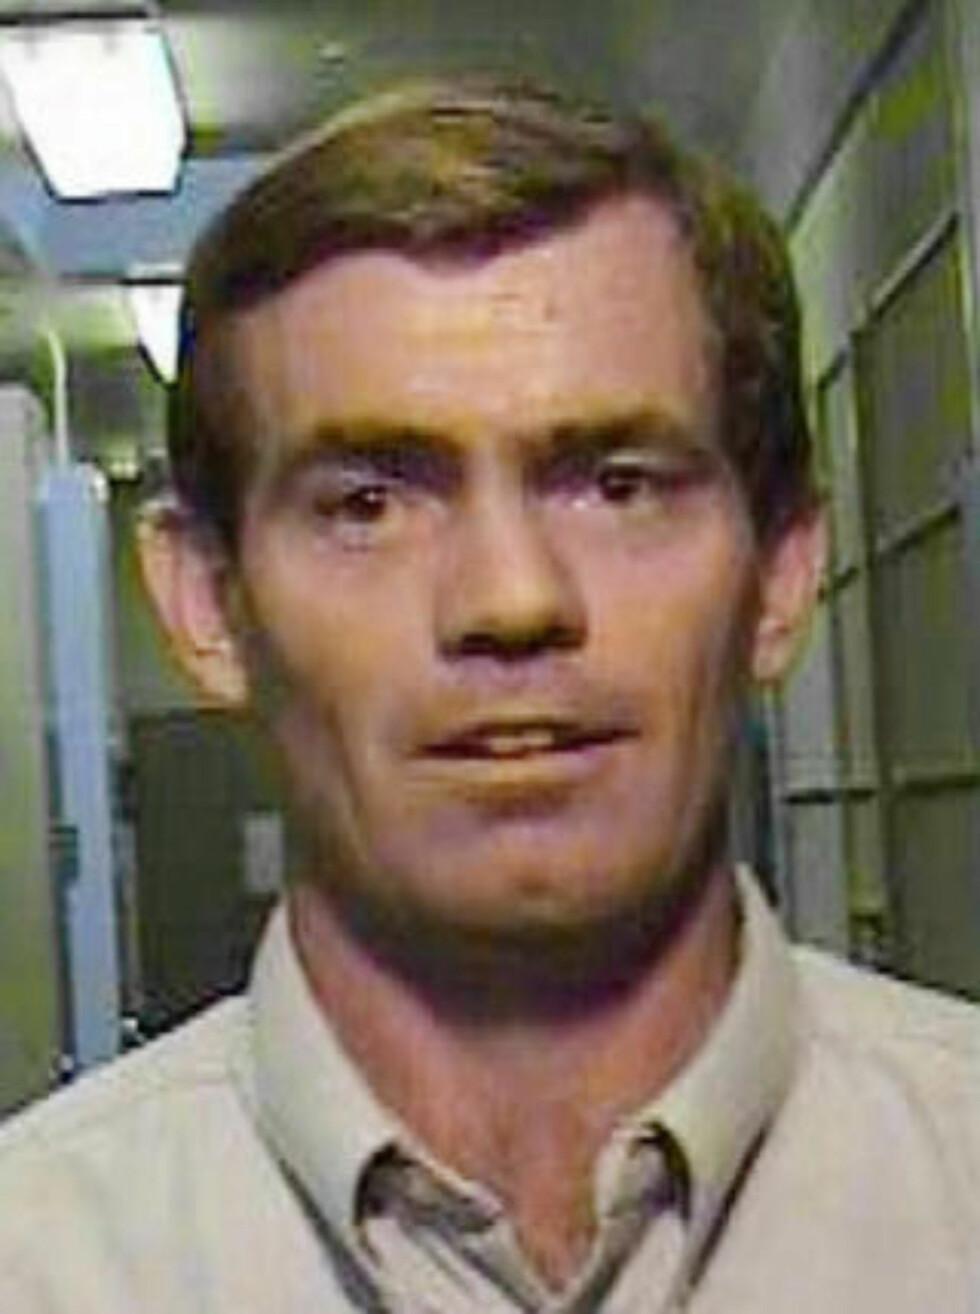 SKAL HA FLERE KONER: Raymond Jessop er tiltalt for seksuelle overgrep mot en mindreårig kvinne, etter at han giftet seg med en av sektens jenter da hun var 14 eller 15 år gammel. Loven i Texas er krystallklar på at det er forbudt for voksne å ha seksuell omgang med personer under 17 år. Jessop er også tiltalt for bigami, etter å ha giftet seg med minst én annen tenåringsjente i sekten.  Foto: AP PHOTO/SCANPIX